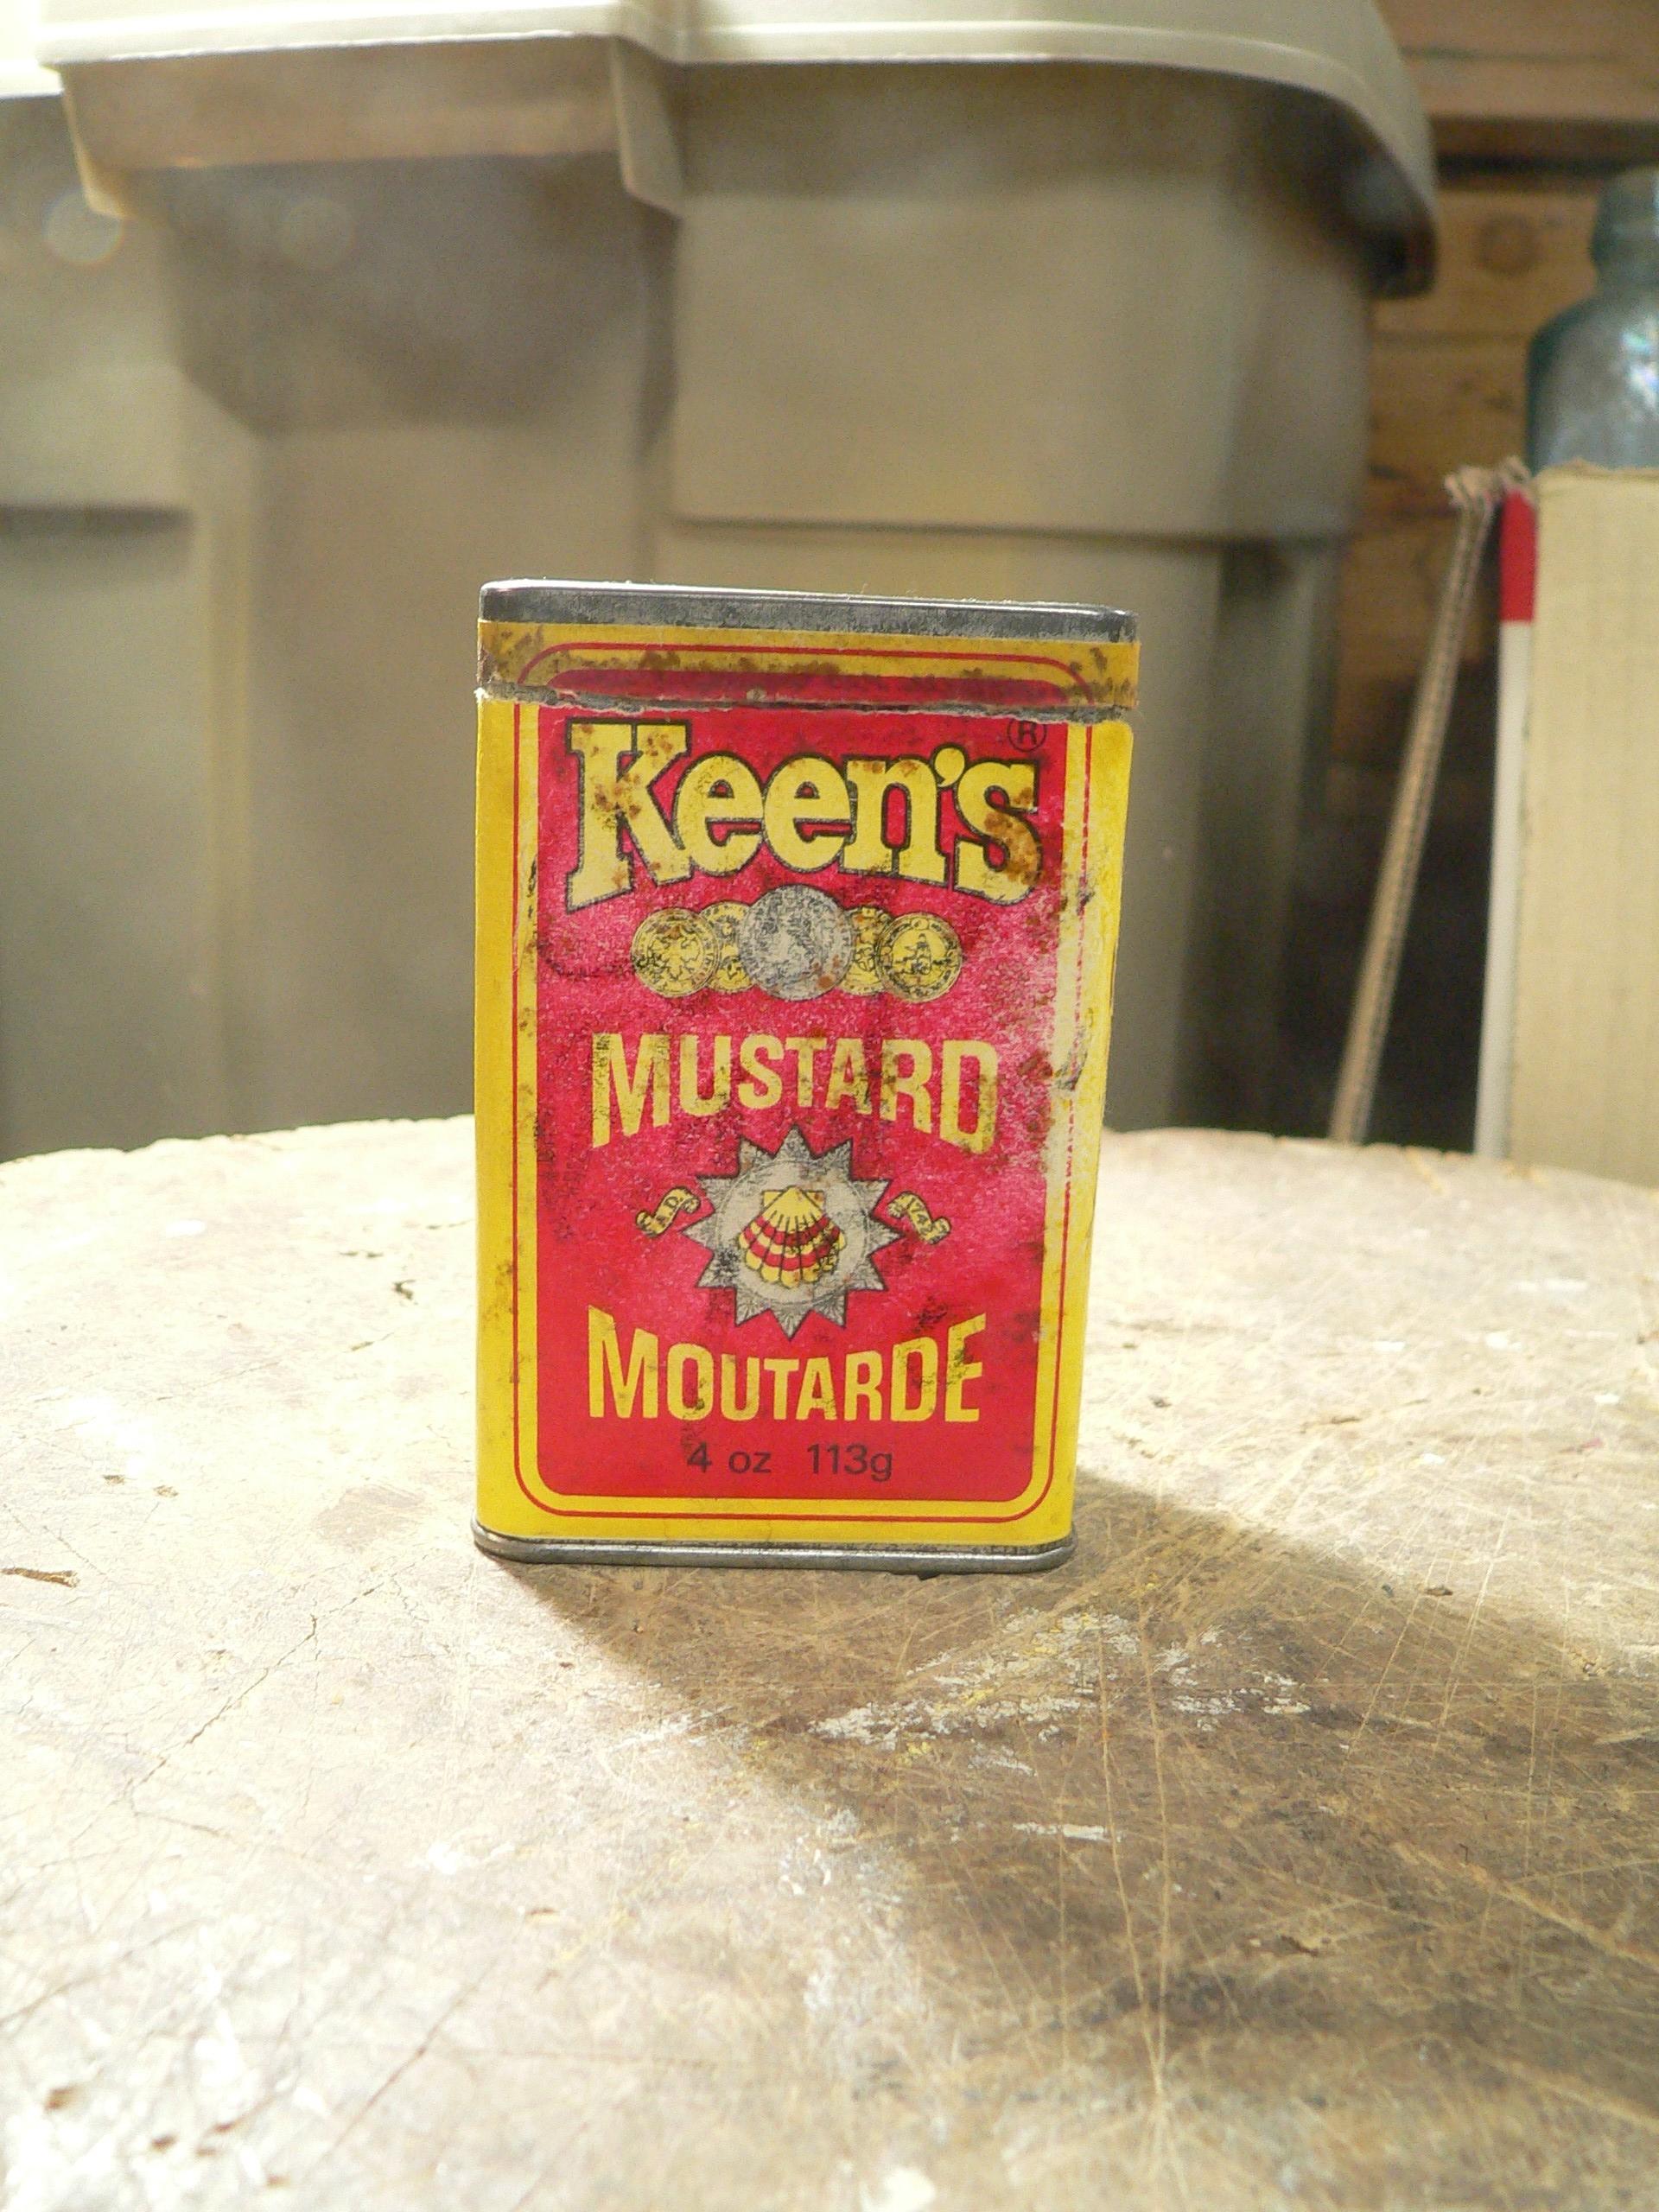 Boite de moutarde keen's # 8290.2